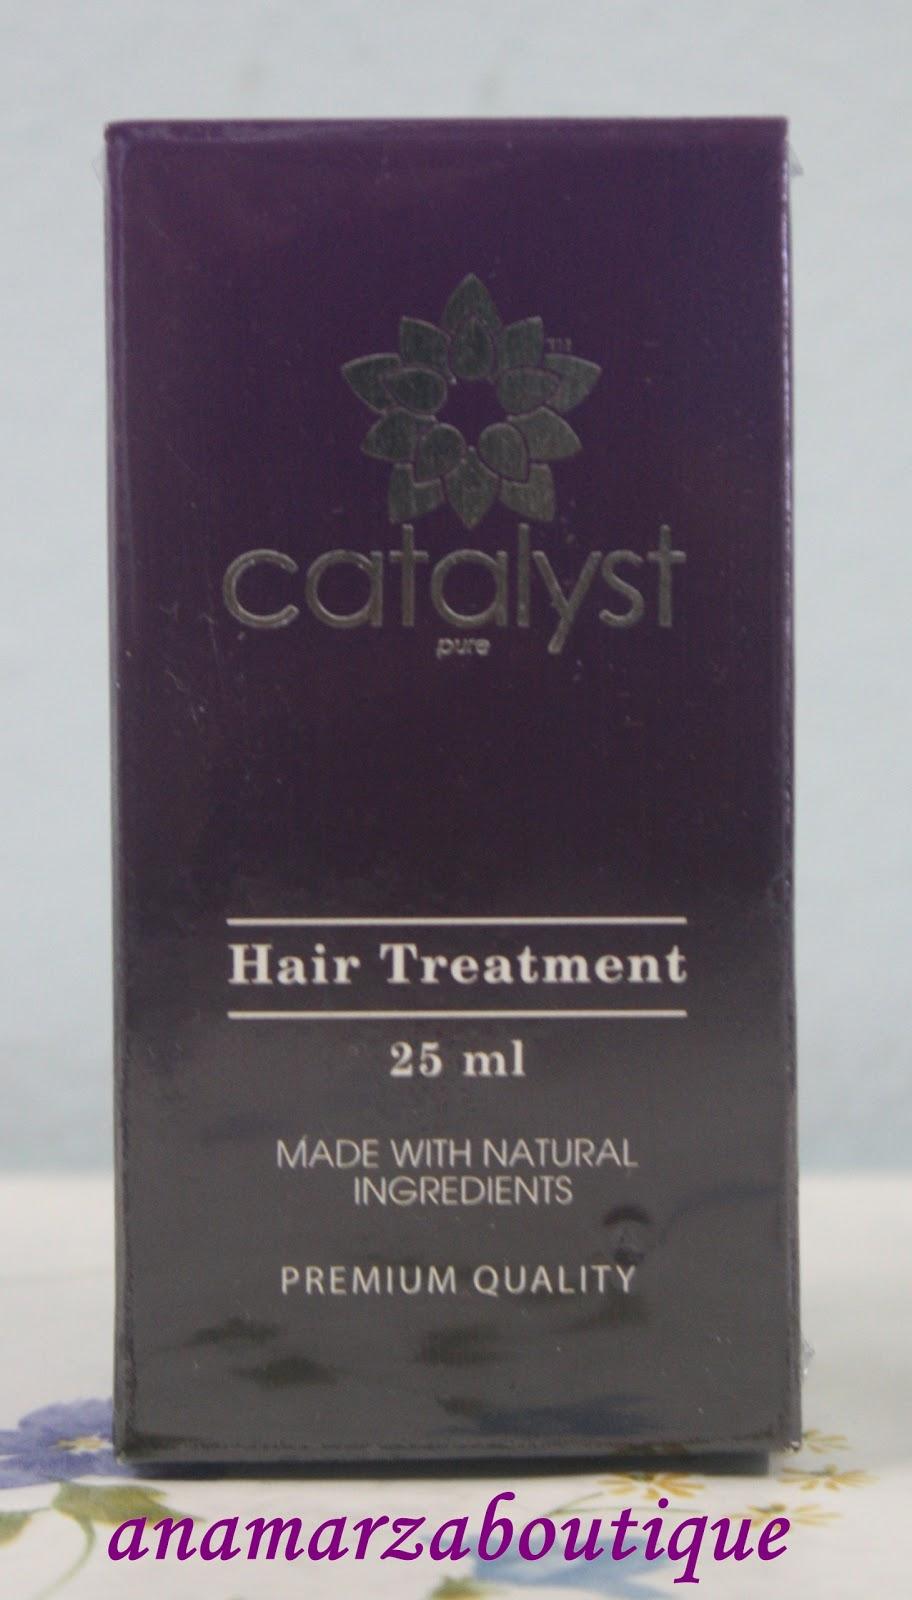 CATALYST HAIR TREATMENT